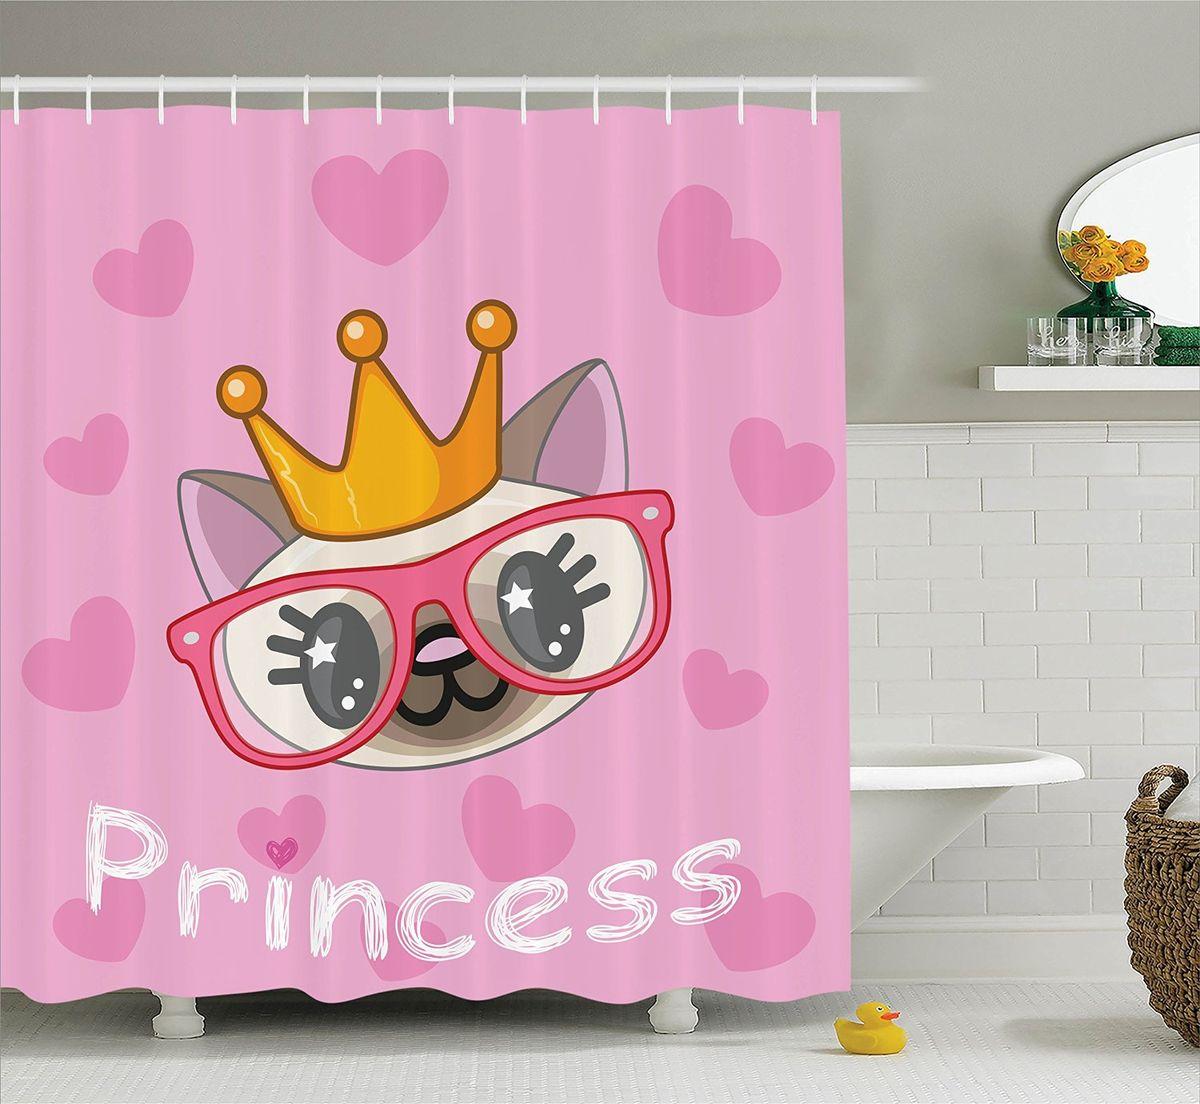 Штора для ванной комнаты Magic Lady Принцесса кошек, 180 х 200 смшв_11984Штора Magic Lady Принцесса кошек, изготовленная из высококачественного сатена (полиэстер 100%), отлично дополнит любой интерьер ванной комнаты. При изготовлении используются специальные гипоаллергенные чернила для прямой печати по ткани, безопасные для человека. В комплекте: 1 штора, 12 крючков. Обращаем ваше внимание, фактический цвет изделия может незначительно отличаться от представленного на фото.